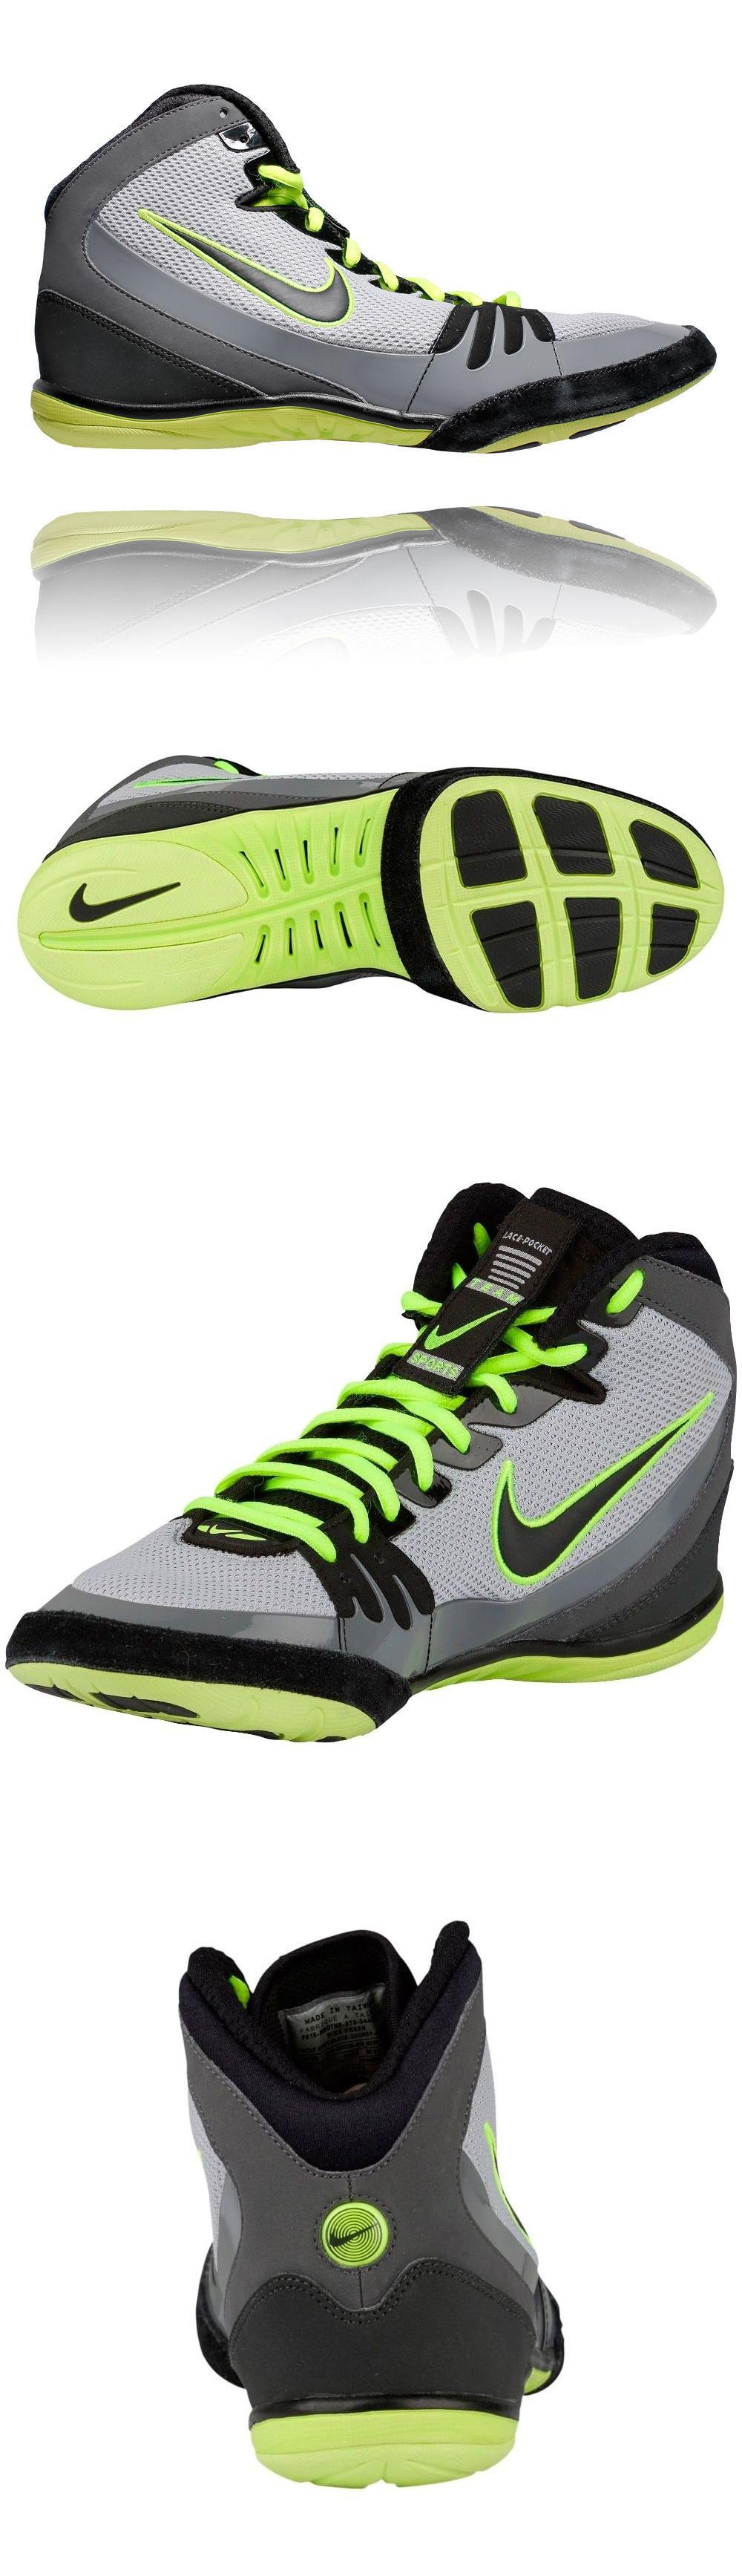 Footwear 79799: Nike Freeks Size 9 Nike Freek Wrestling Shoes (Og Inflicts)  Rare